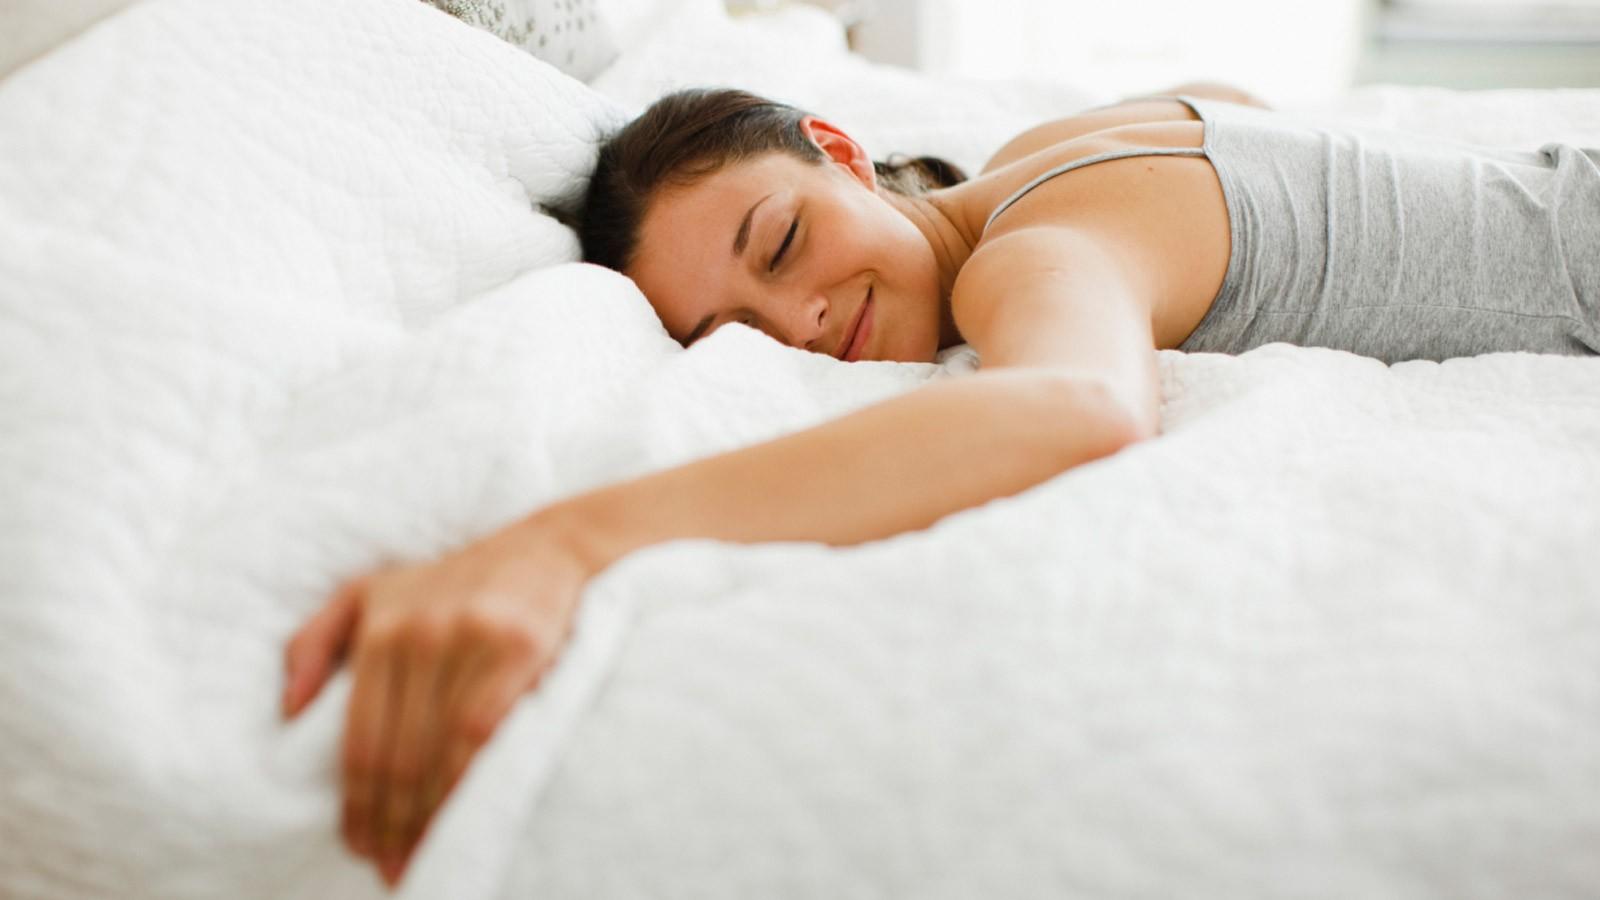 Верховая езда поможет вам спать глубже